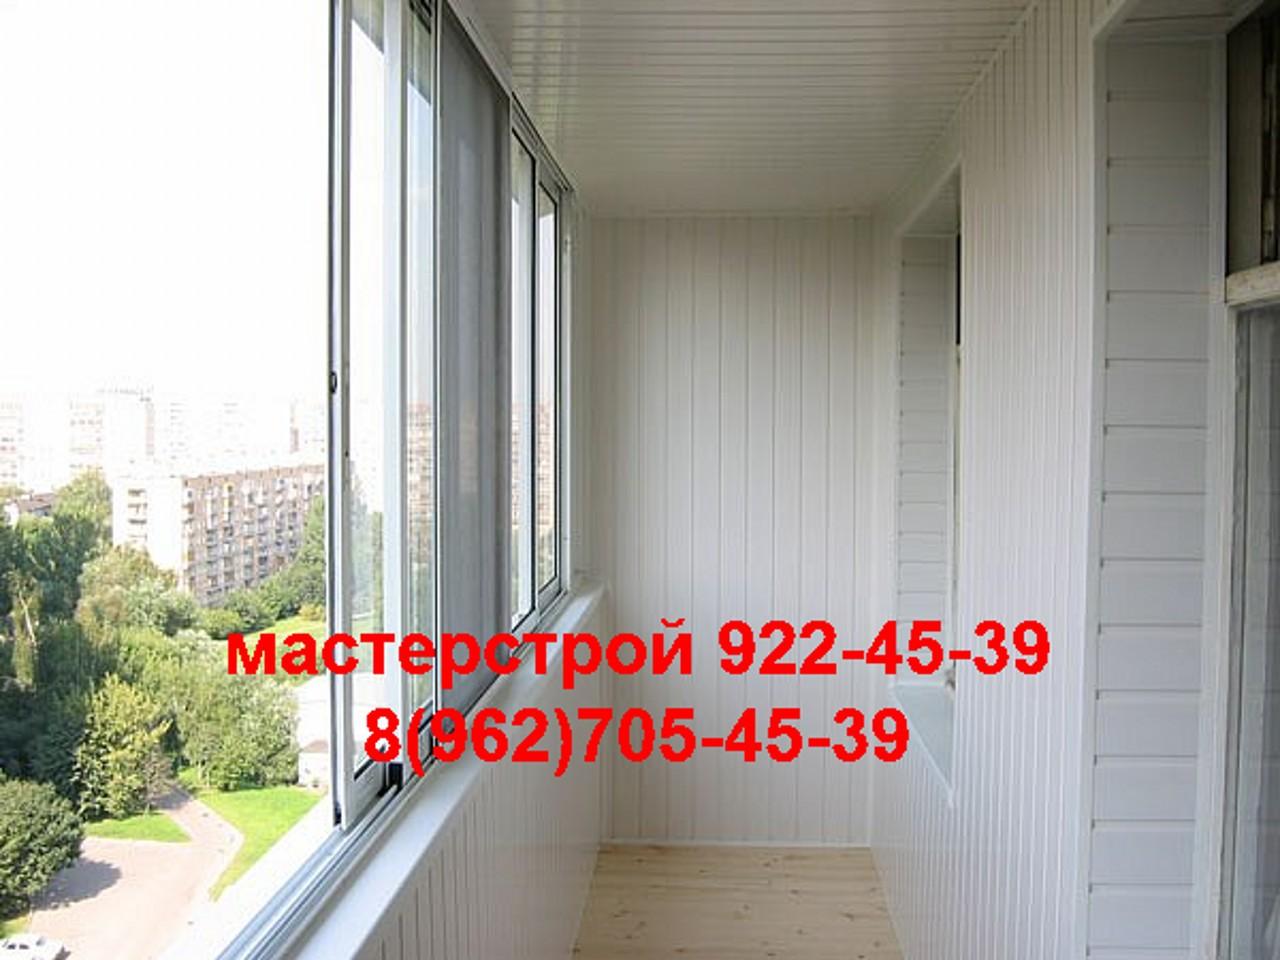 Балконы фото - остекление балконов и лоджий.